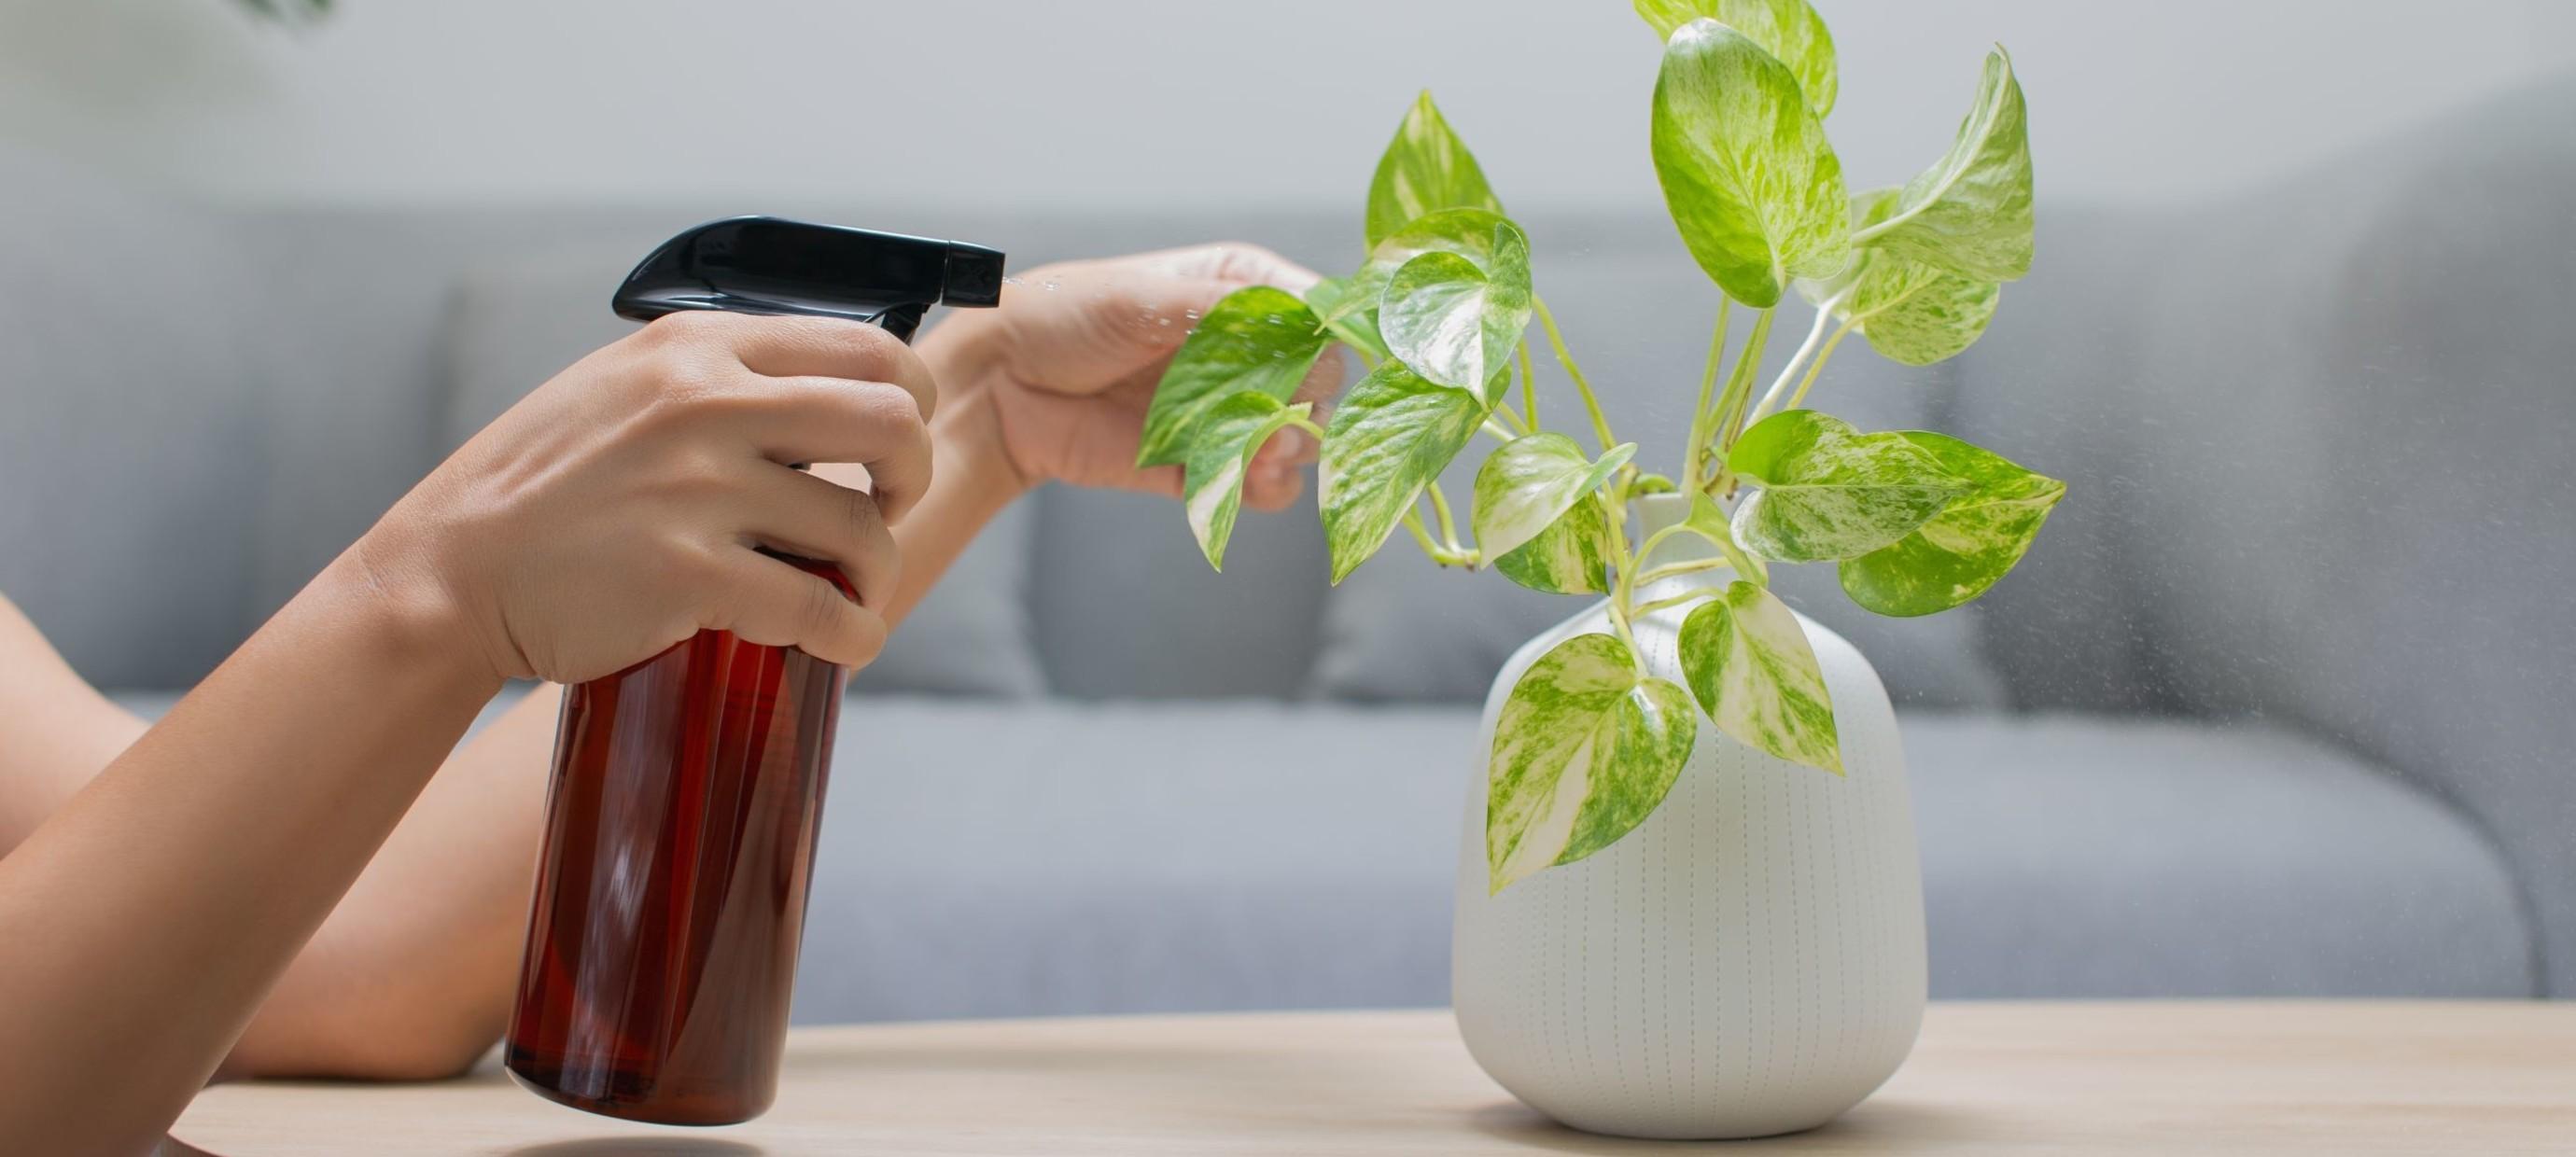 Hoe vaak moet ik voeding geven aan mijn kamerplant?